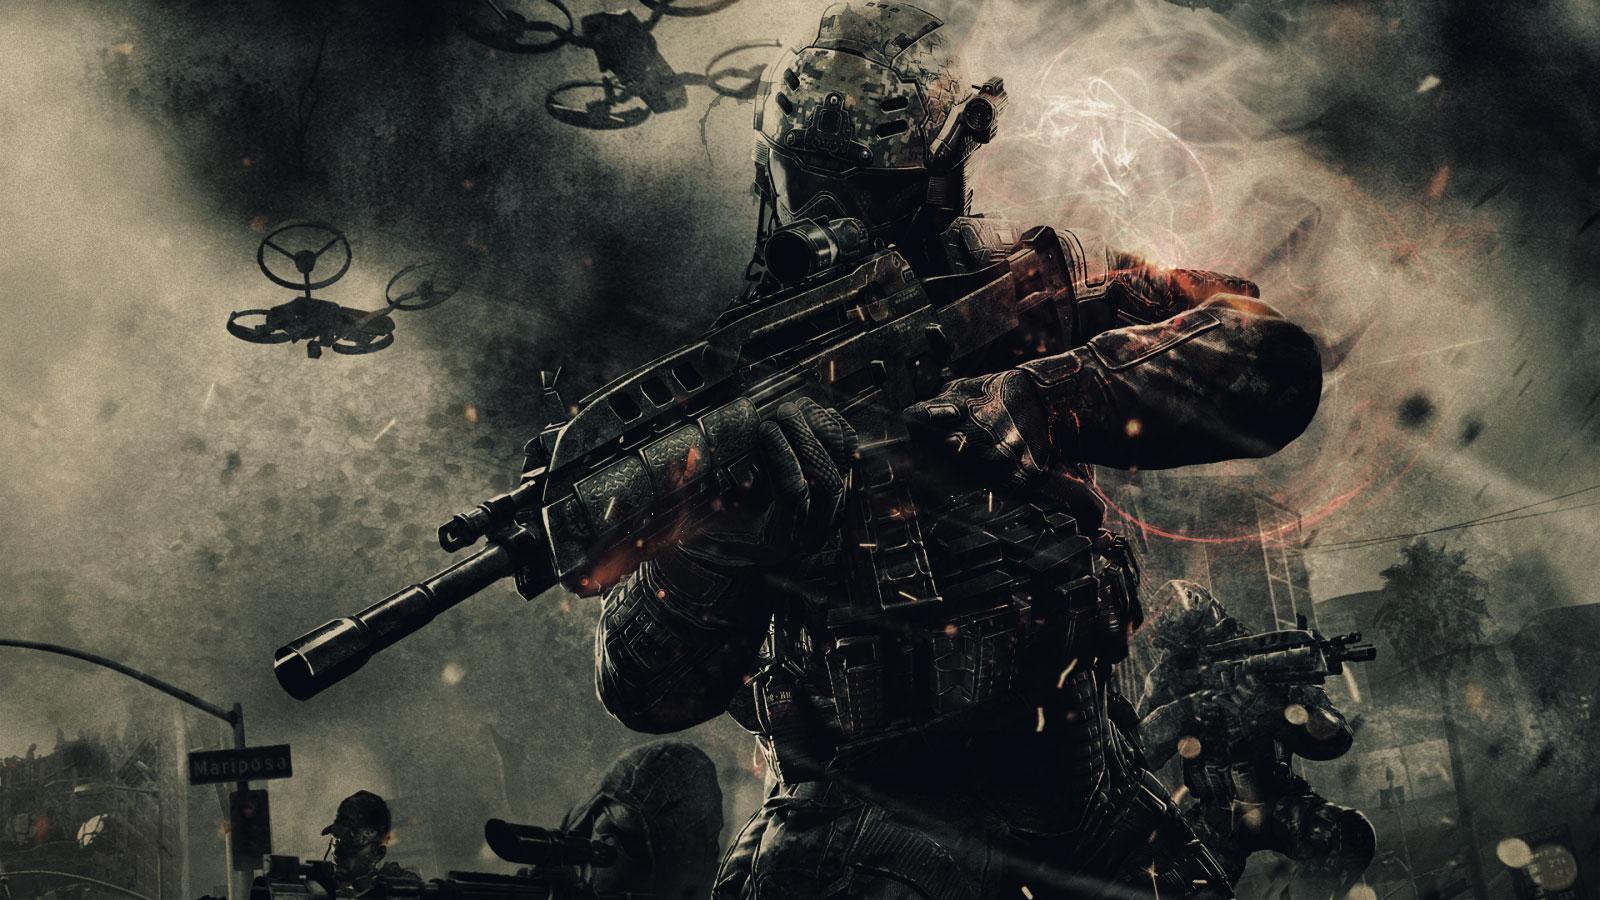 comGames Wallpapers   Call of Duty Black Ops 2 1600x900 wallpaper 1600x900